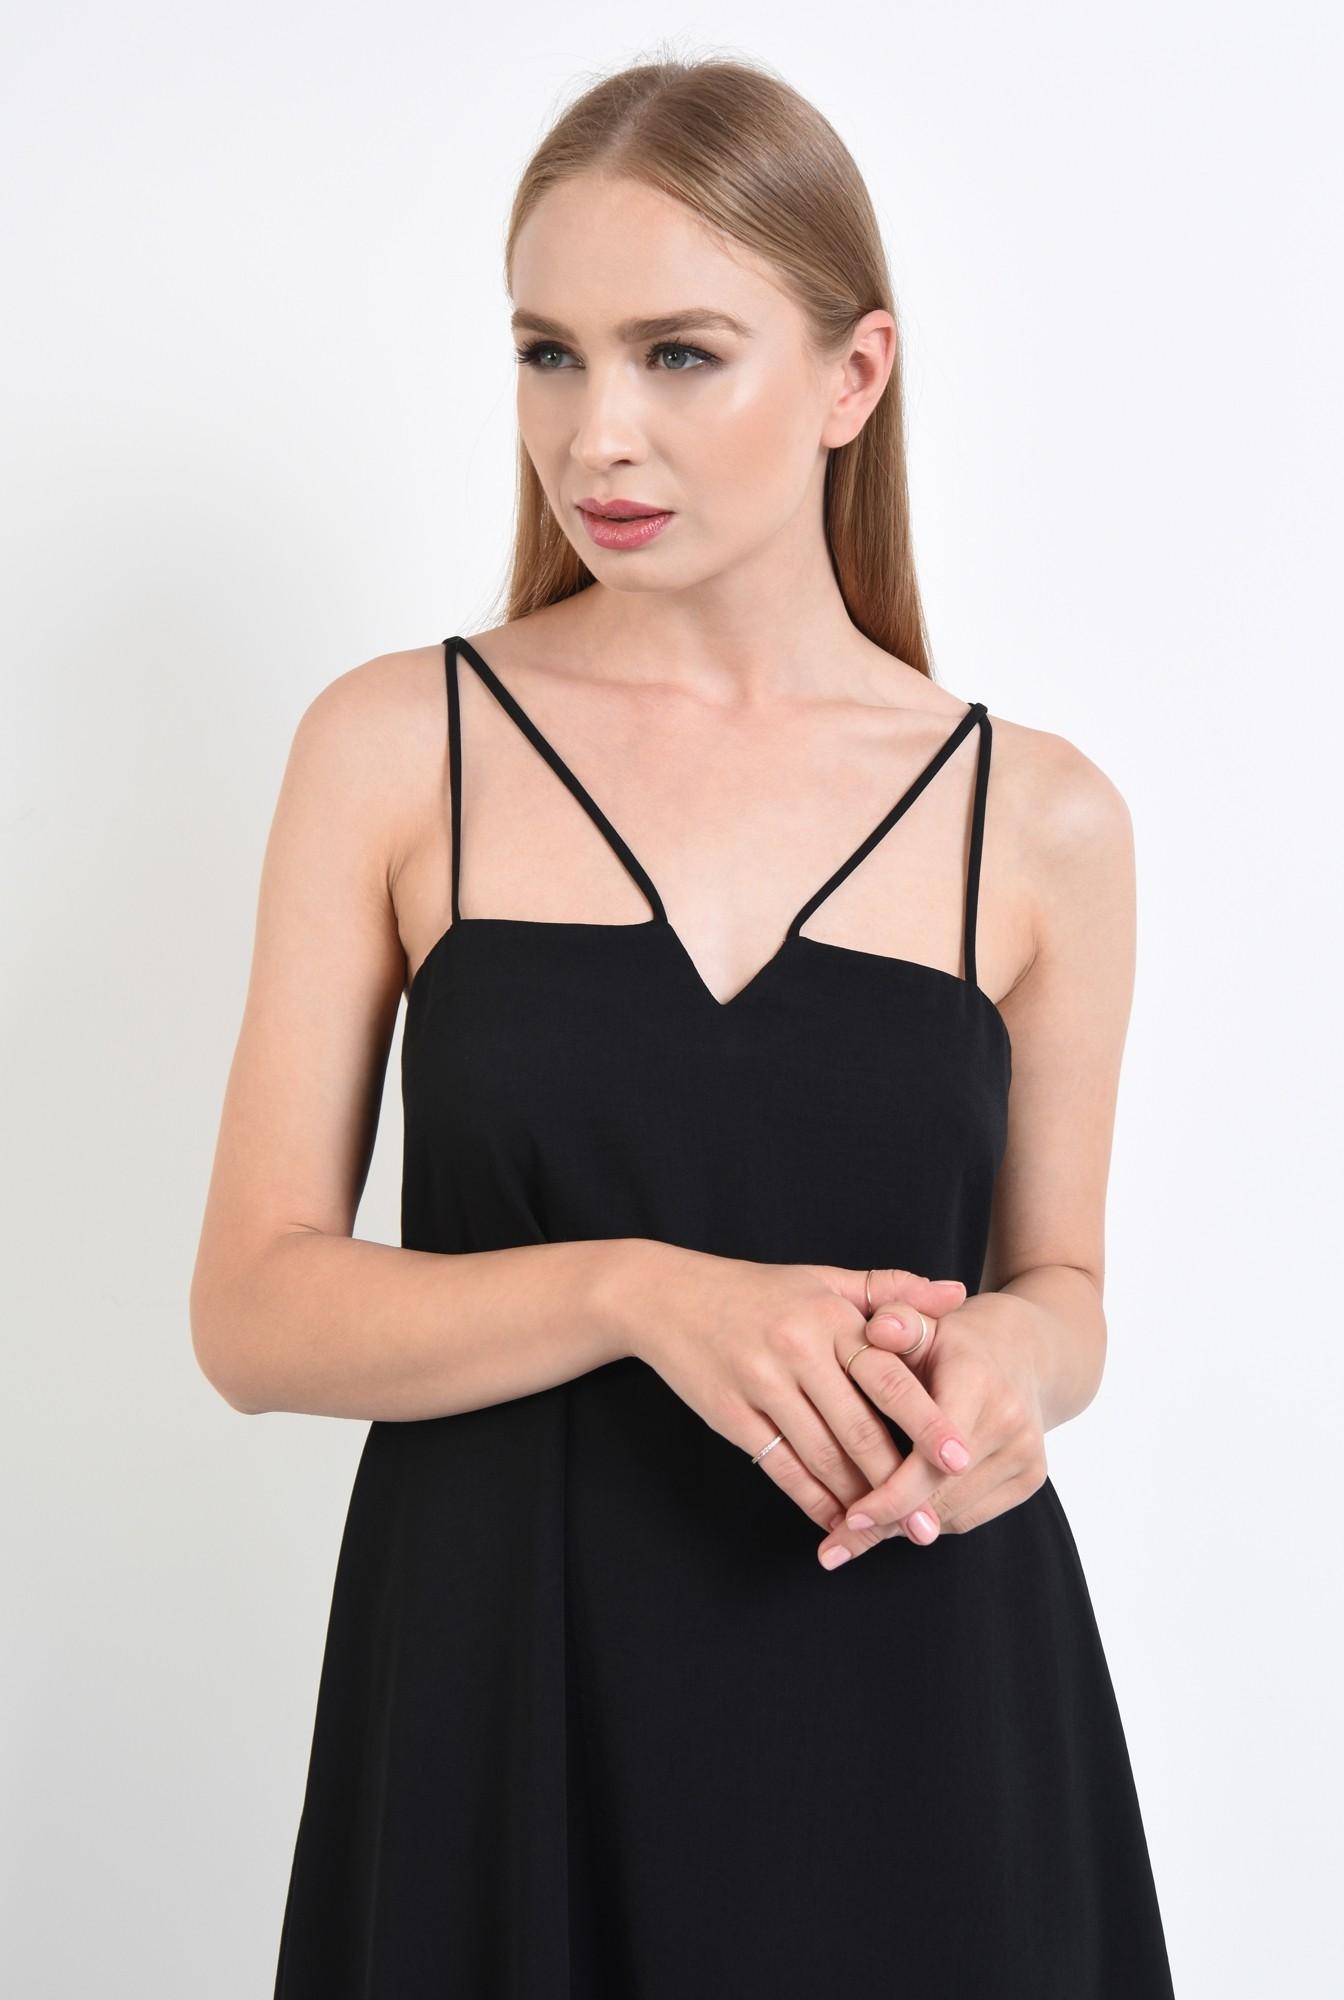 2 - rochie eleganta, scurta, evazata, neagra